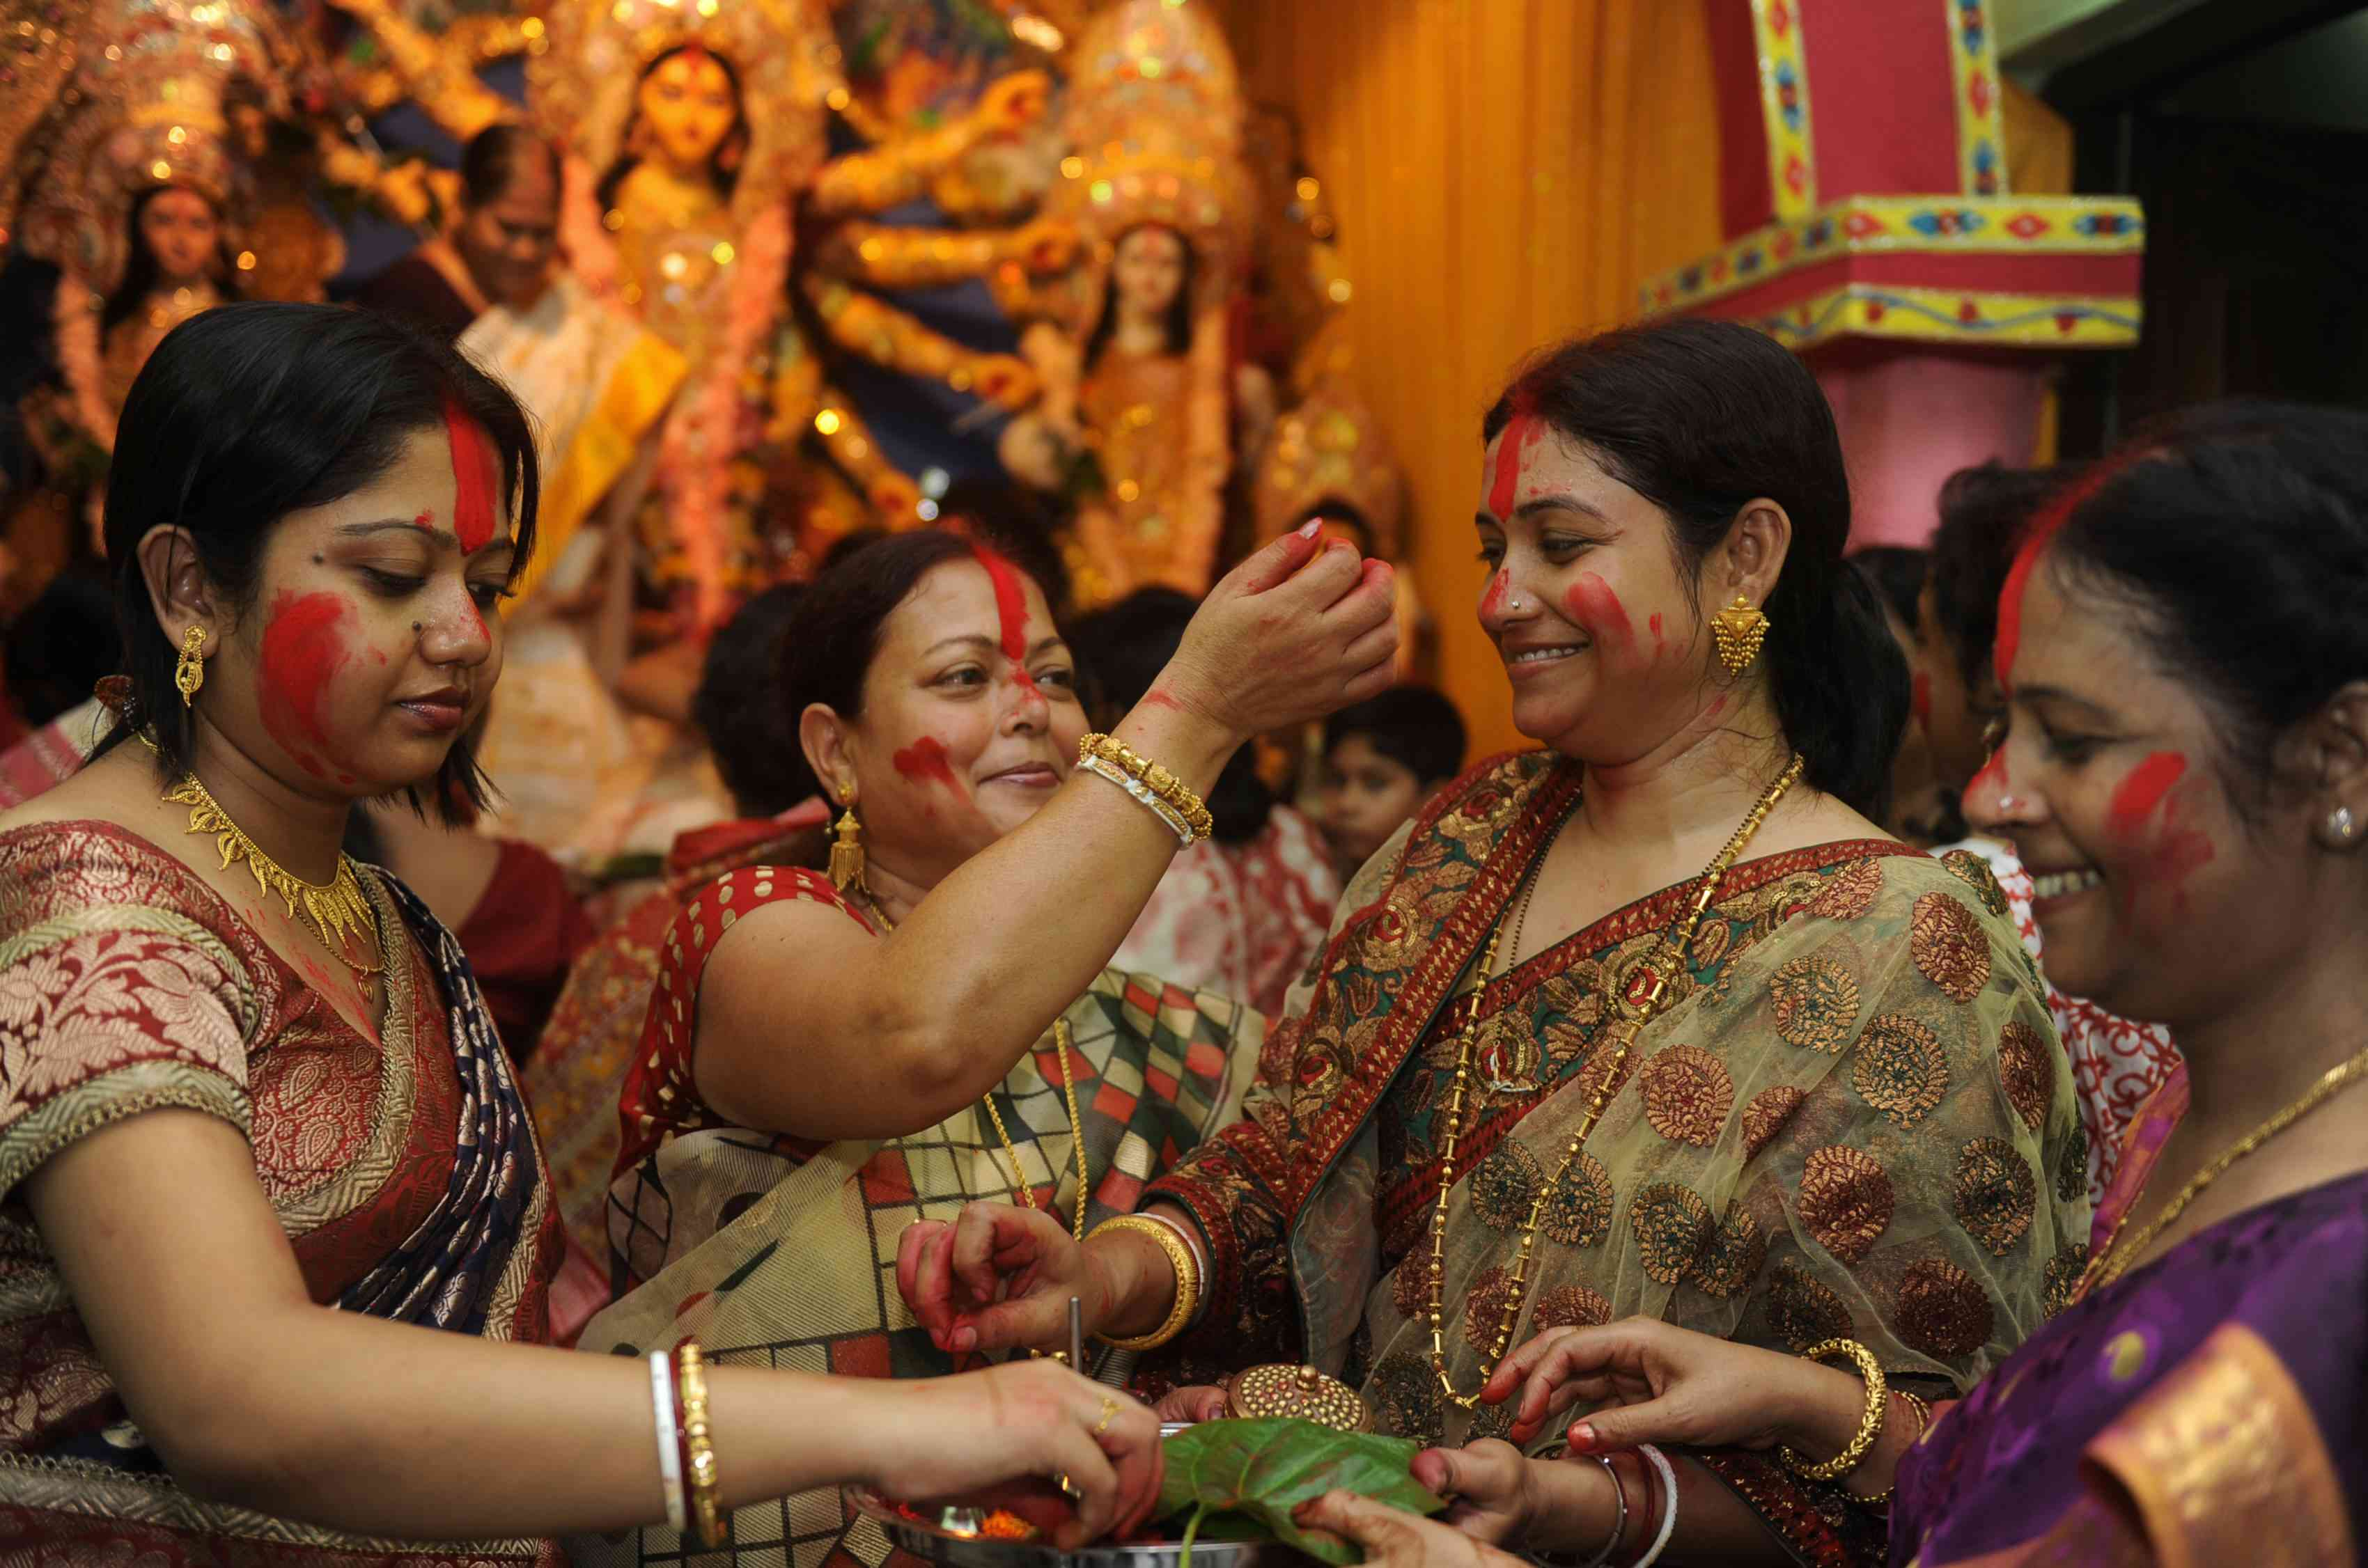 Las mujeres indias bengalíes aplican Sindoor (bermellón, una indicación de mujeres casadas) en las caras de los demás con motivo de Vijaya Dashami, Durga Puja.